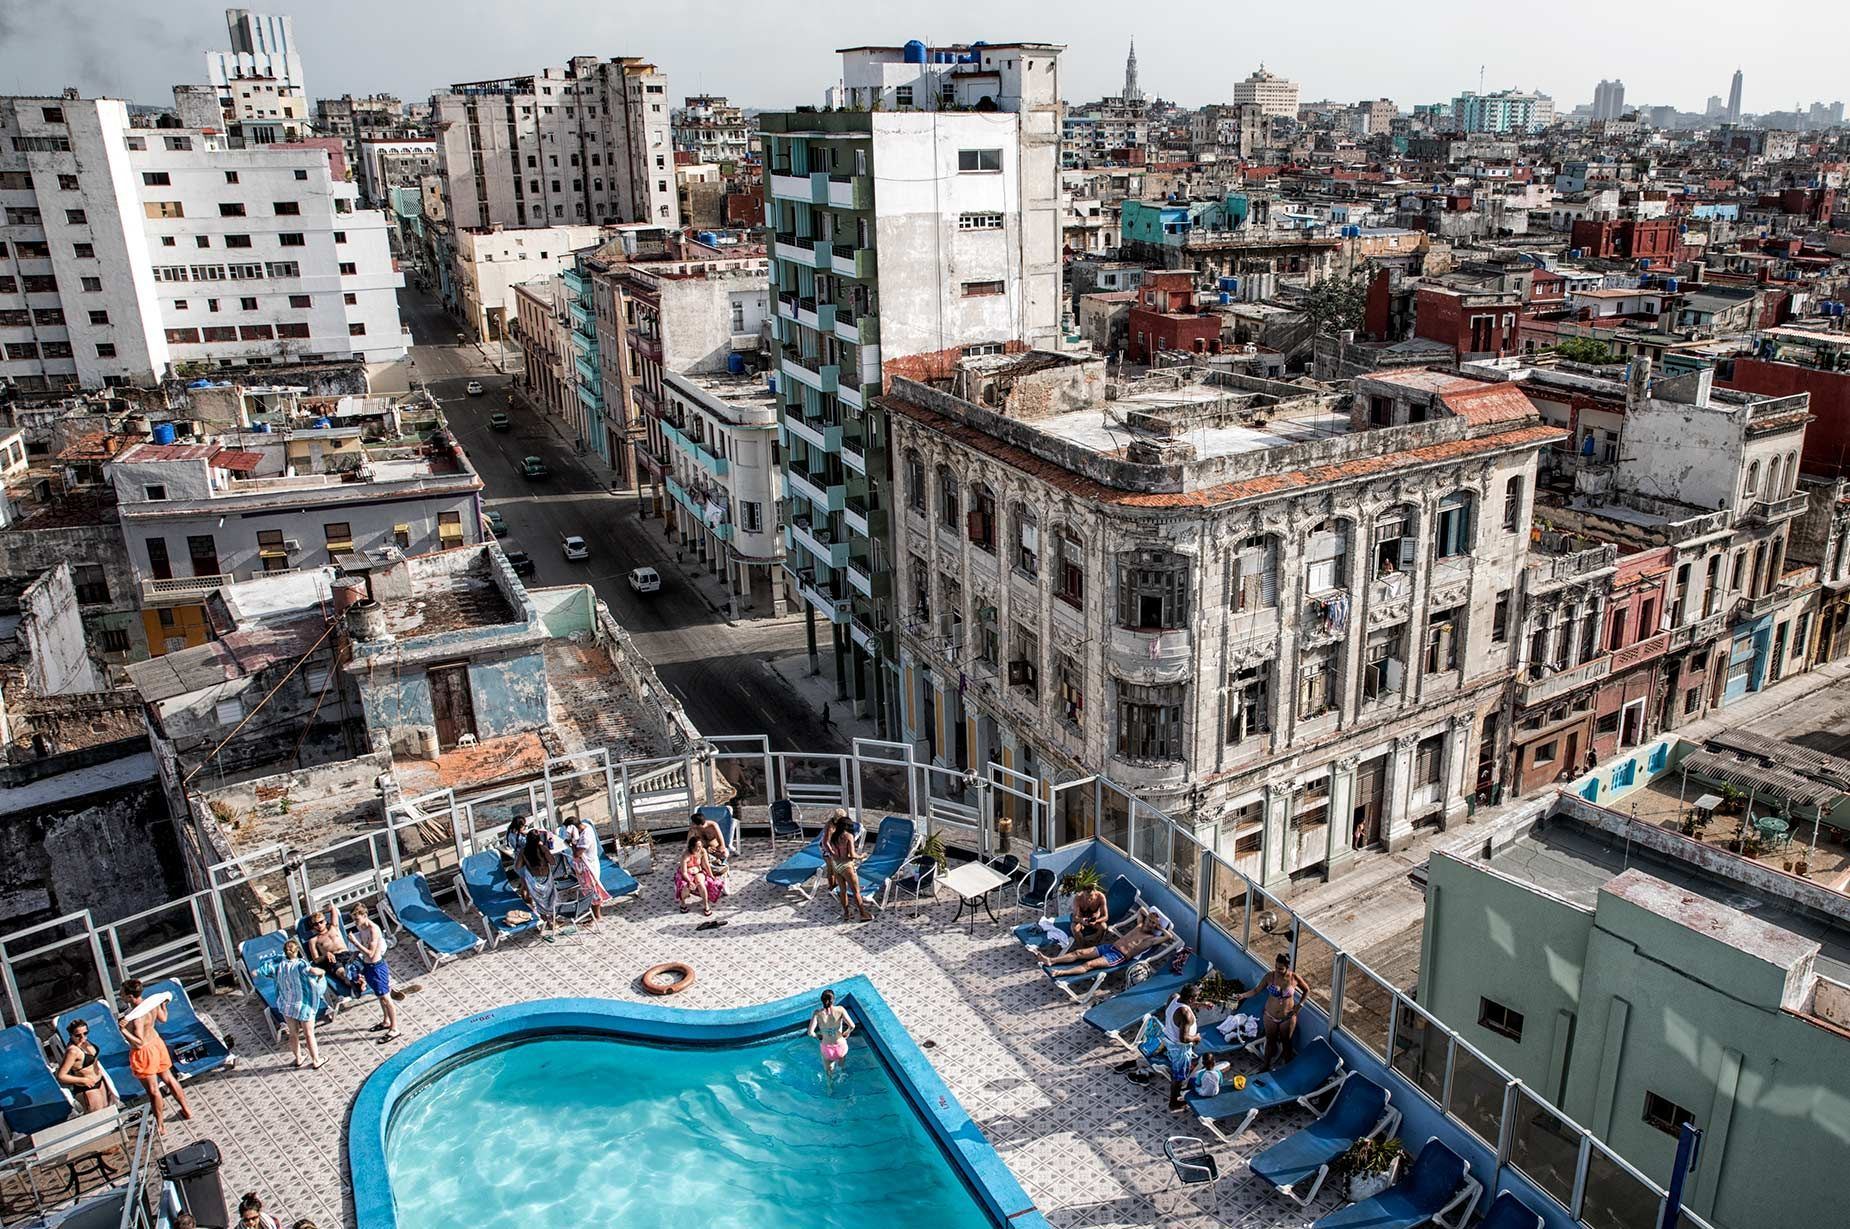 Cuba_172-Edit.jpg